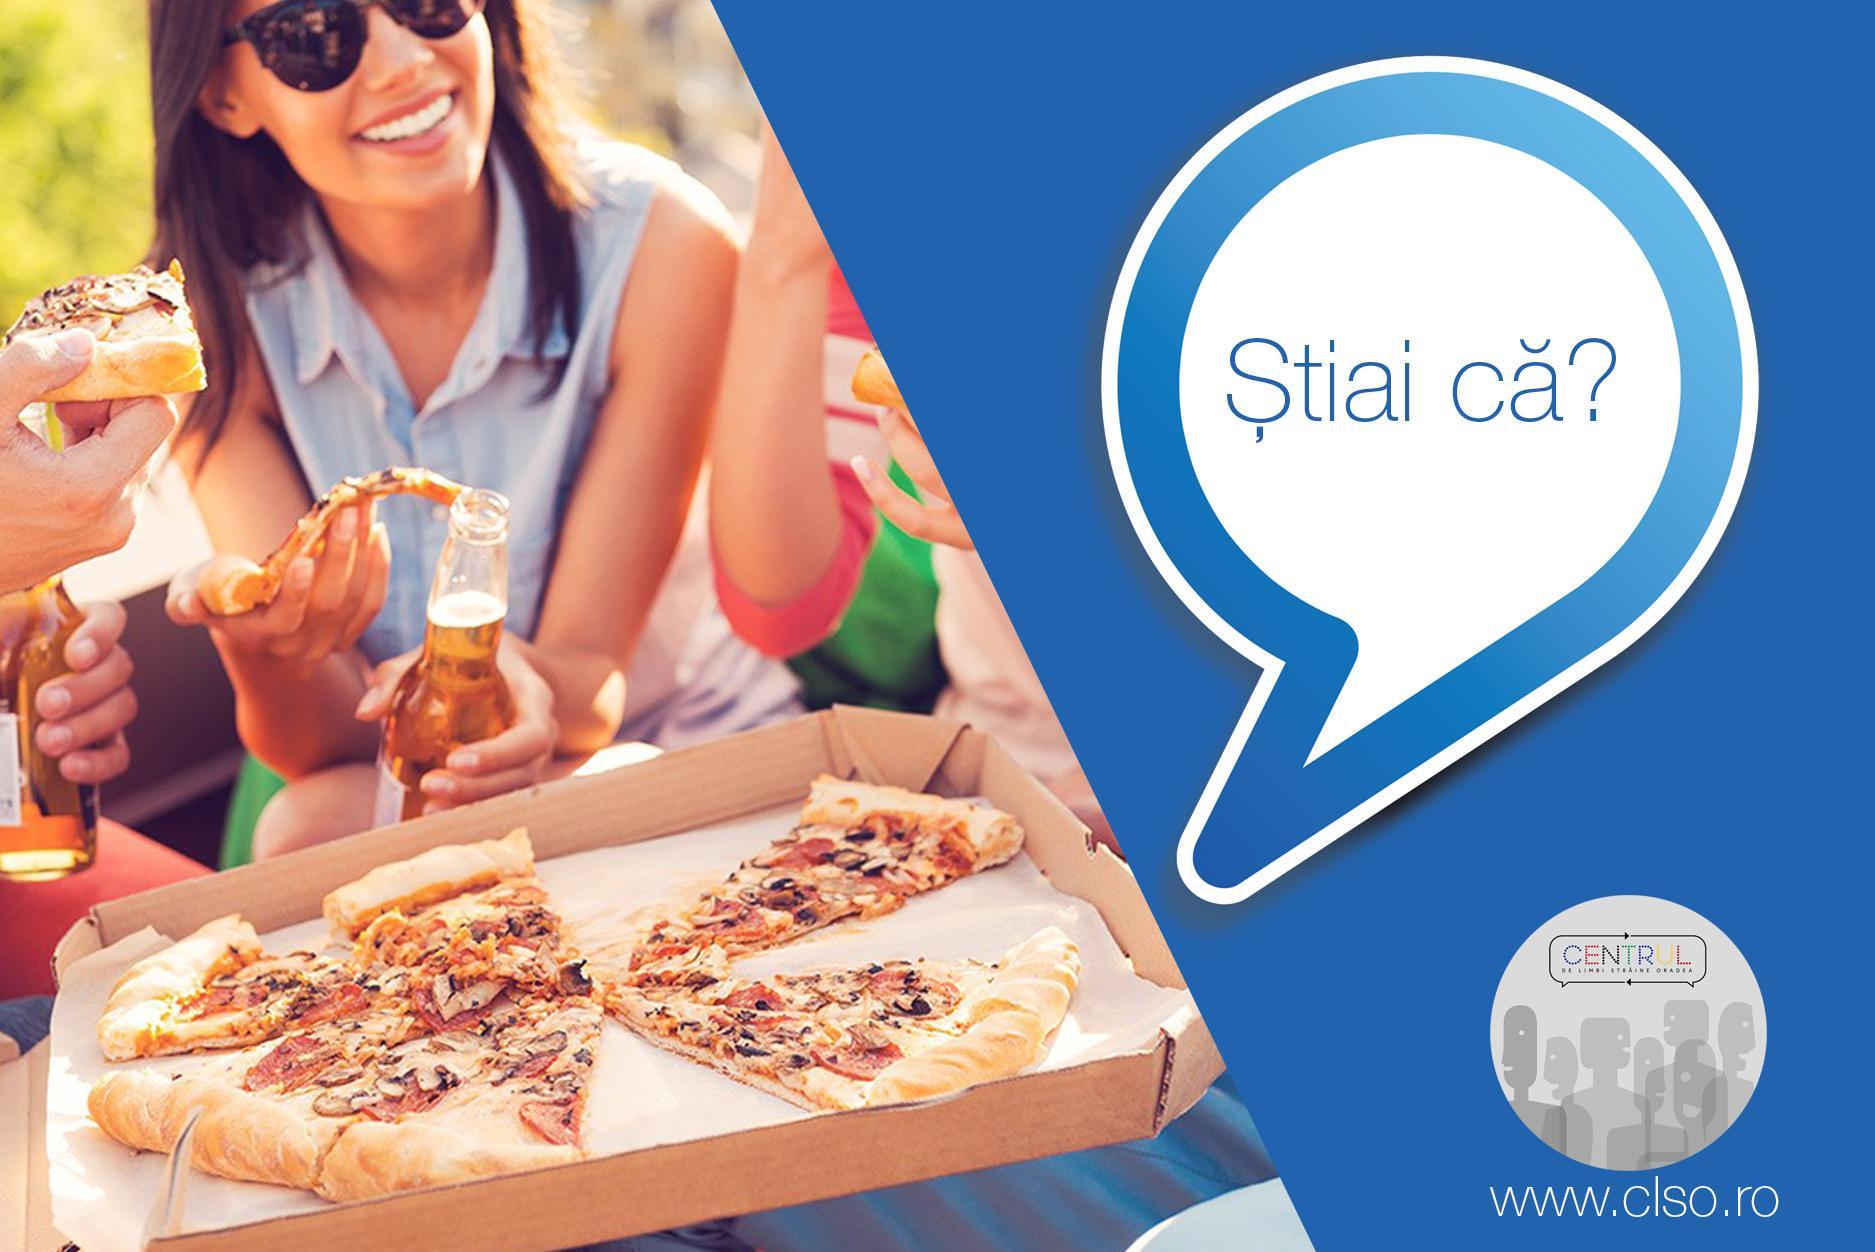 Știai că pizza are origini antice? Dar pizza Margherita cine și când crezi că a inventat-o?